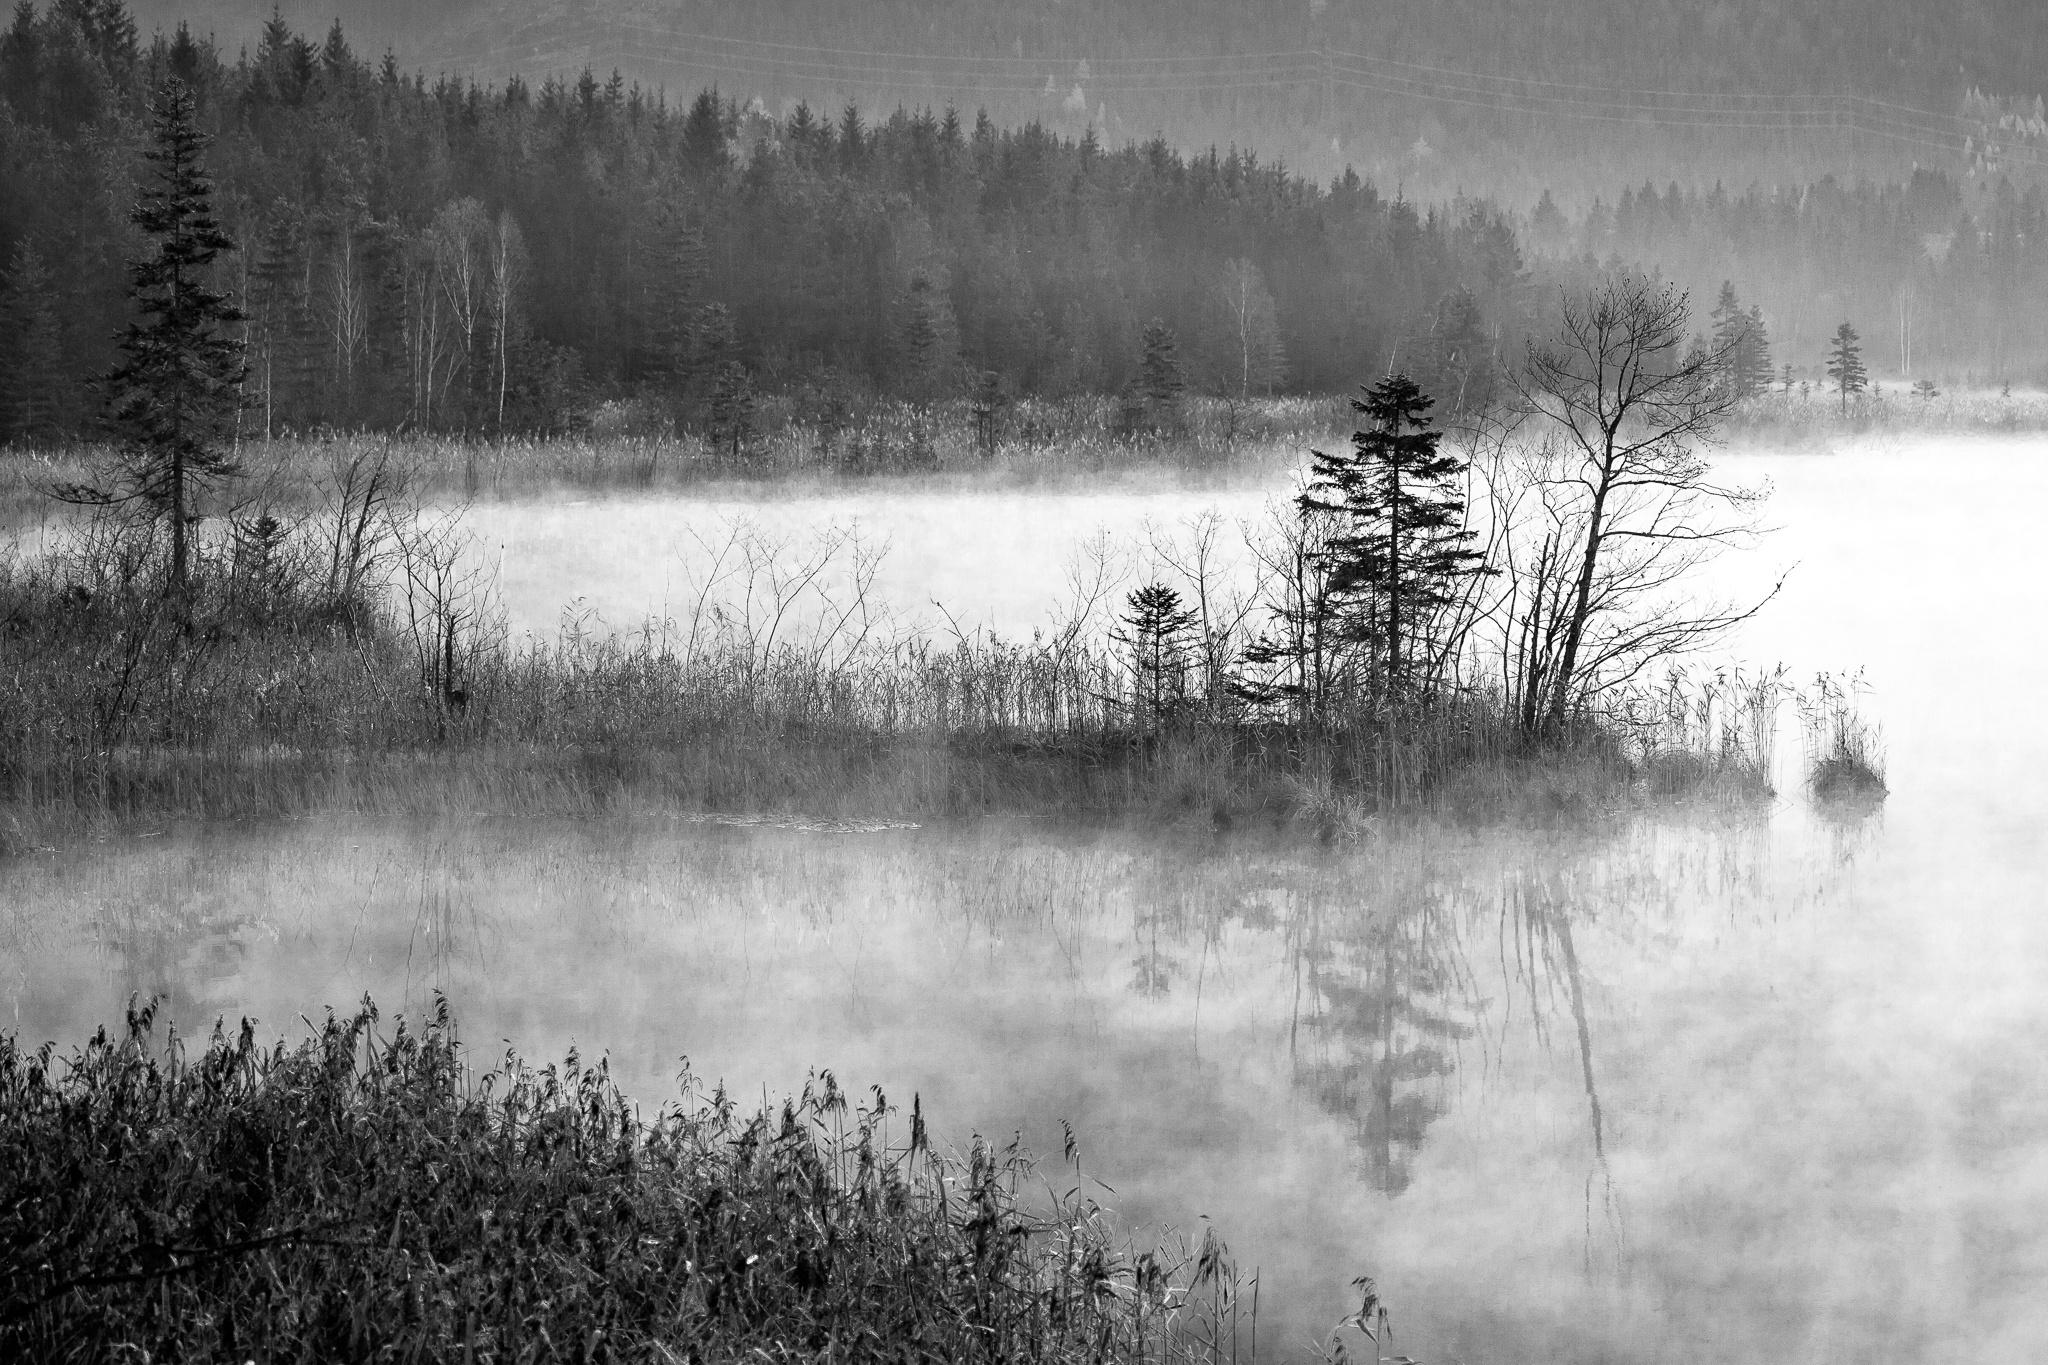 Barmsee, See, Nebel, Nebelschwaden, Morgendunst